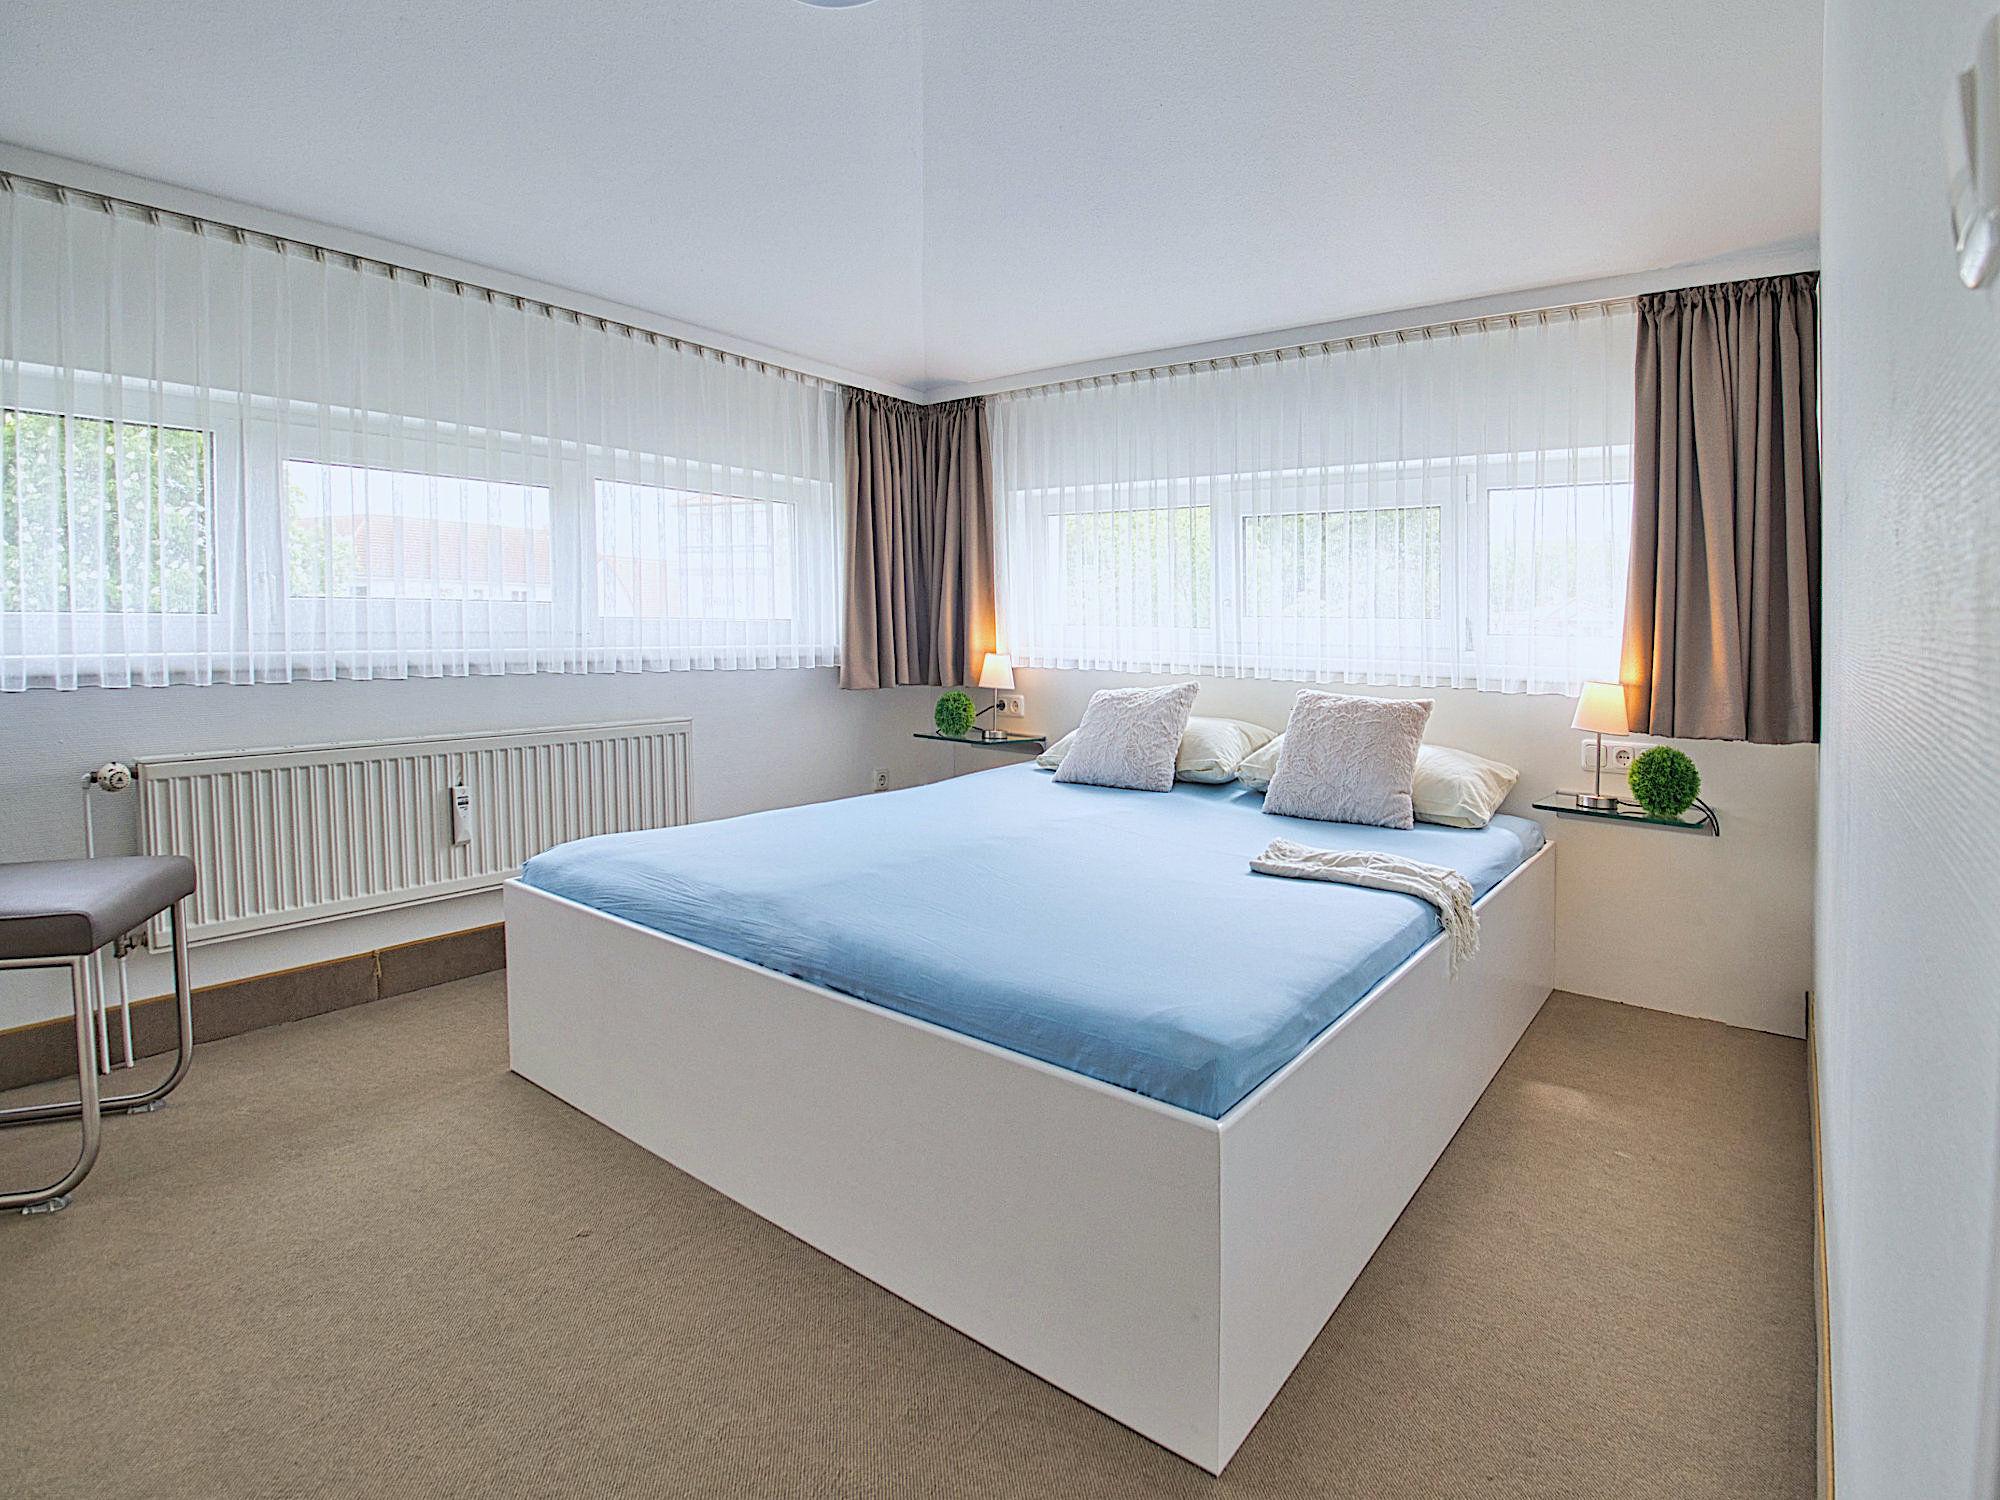 Schlafzimmer mit Doppelbett, an zwei Wänden jeweils 2 Fenster